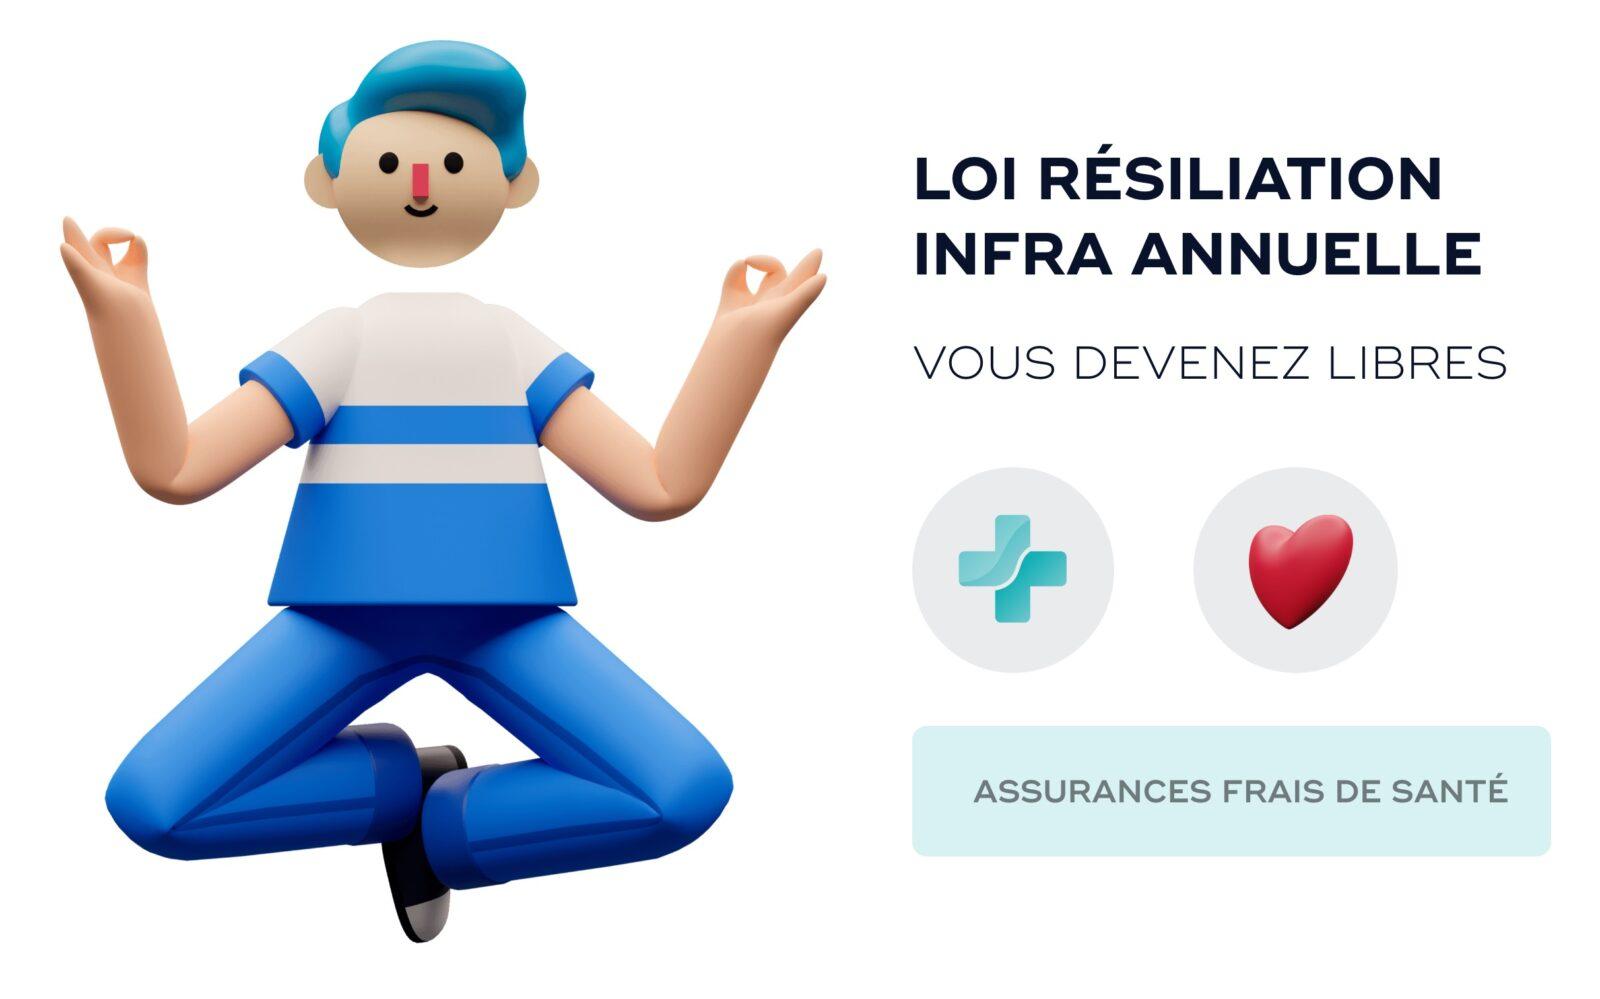 Loi RIA - Assurance frais de santé